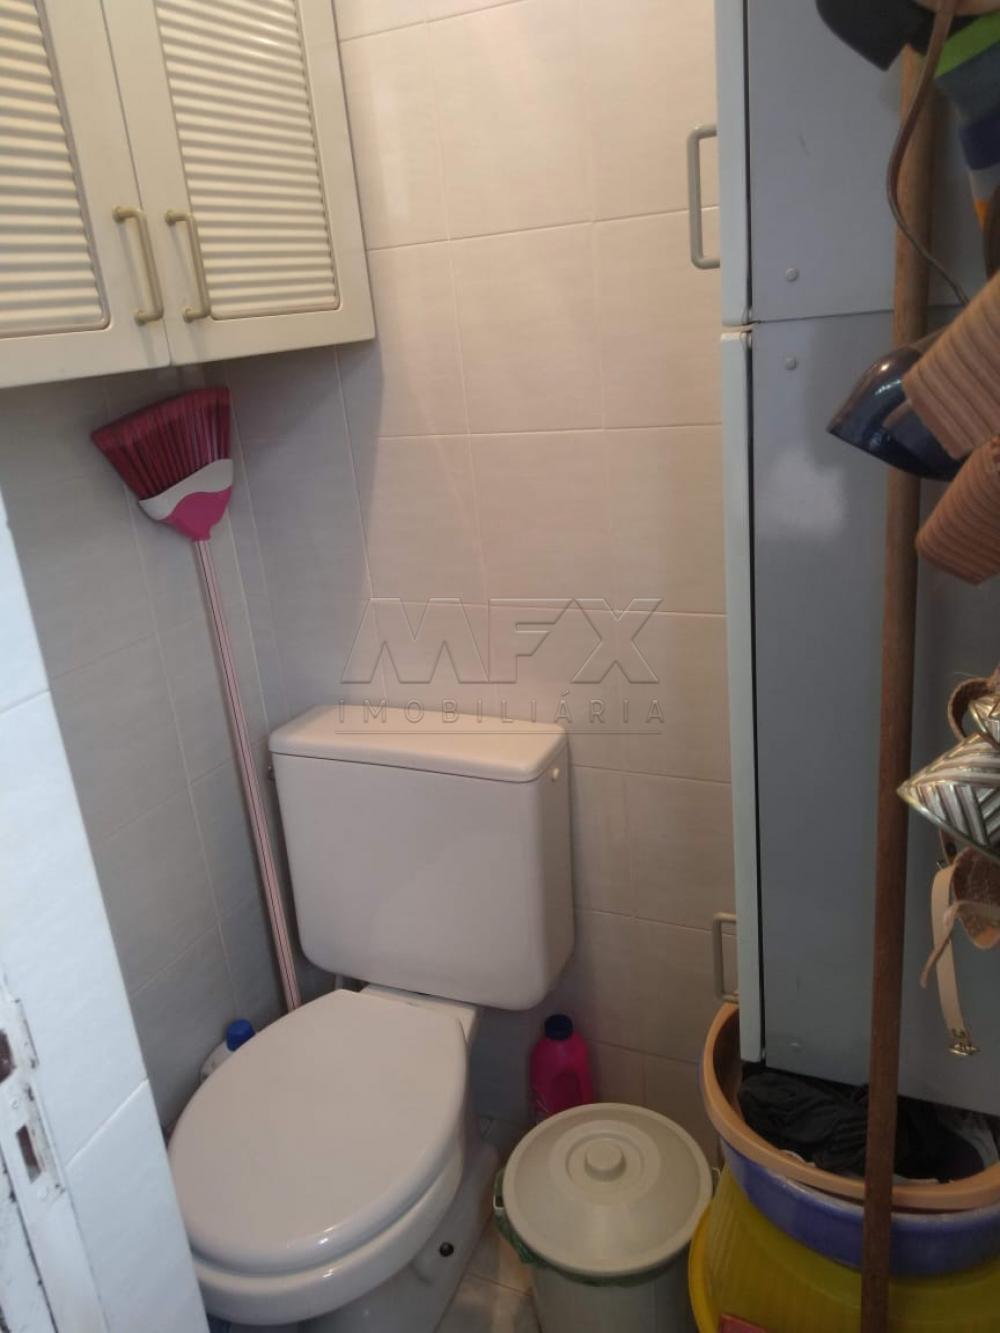 Comprar Apartamento / Padrão em Bauru R$ 160.000,00 - Foto 11